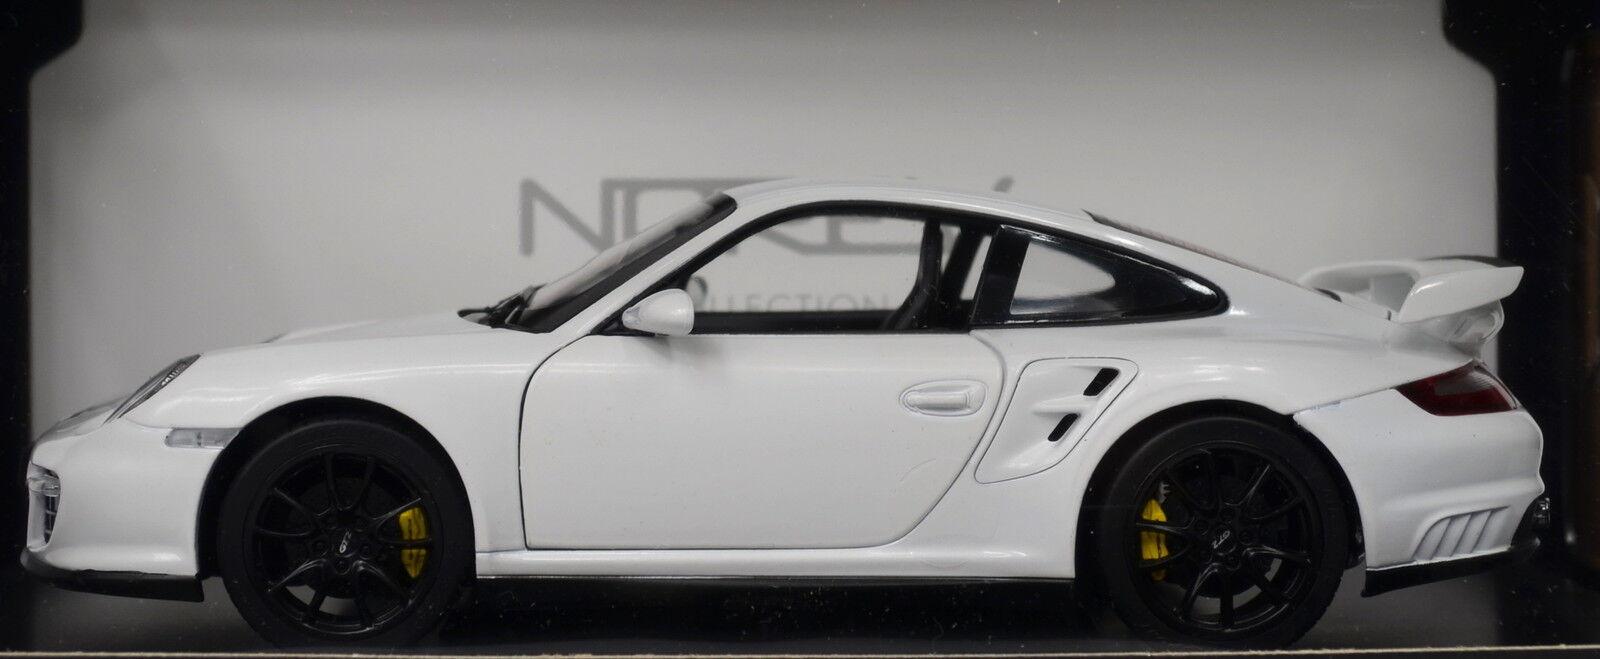 Porsche 911 GT2 weiß 2007 im Maßstab Maßstab Maßstab 1 18 von Norev  | Abrechnungspreis  7da5ee